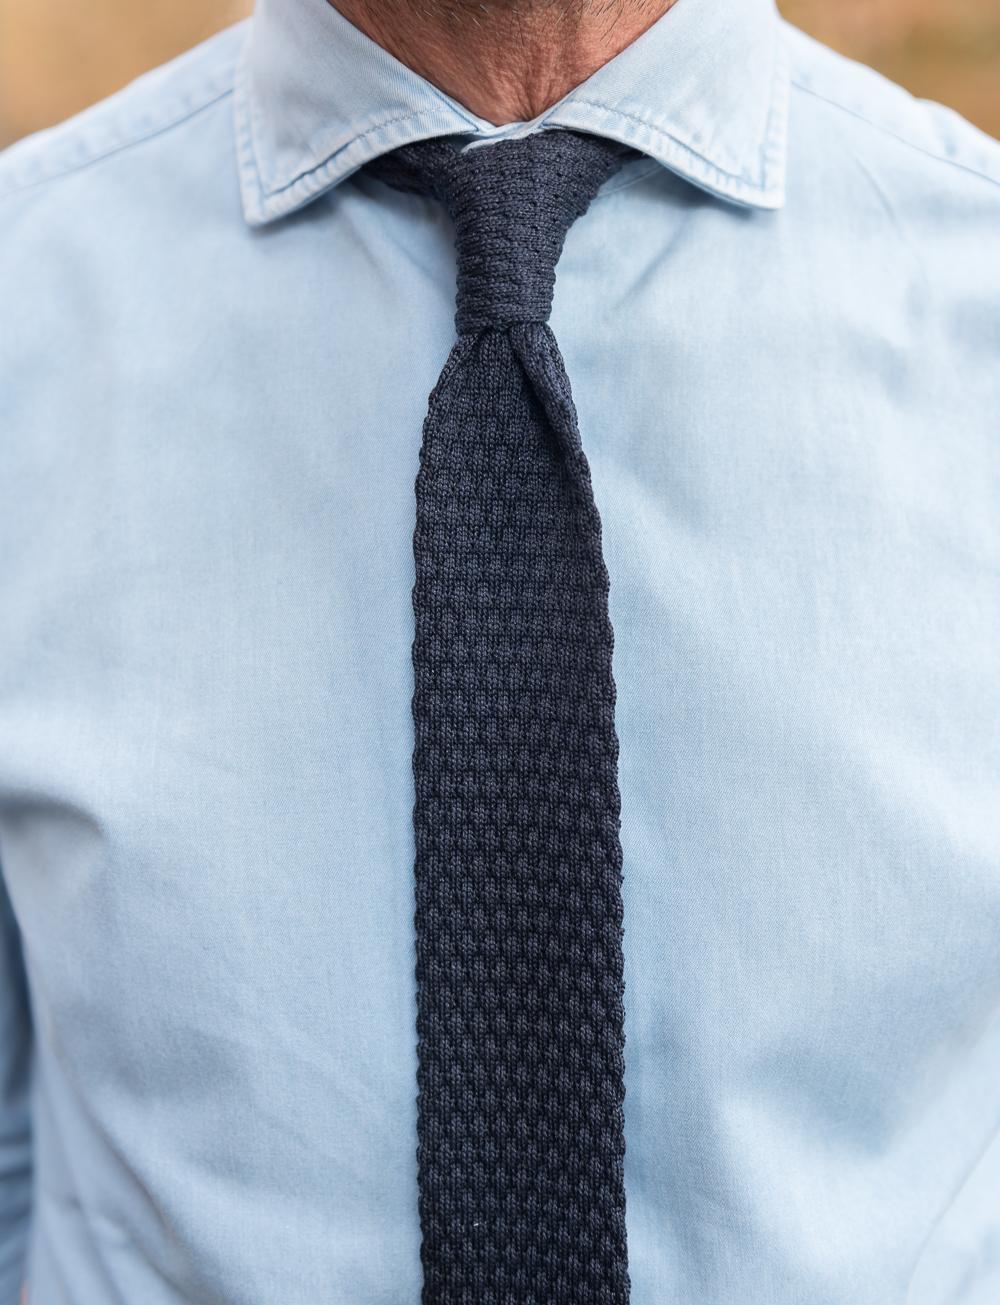 achat le plus récent prix compétitif vente en ligne Cravate en tricot de soie motif médaillon - bleu marine